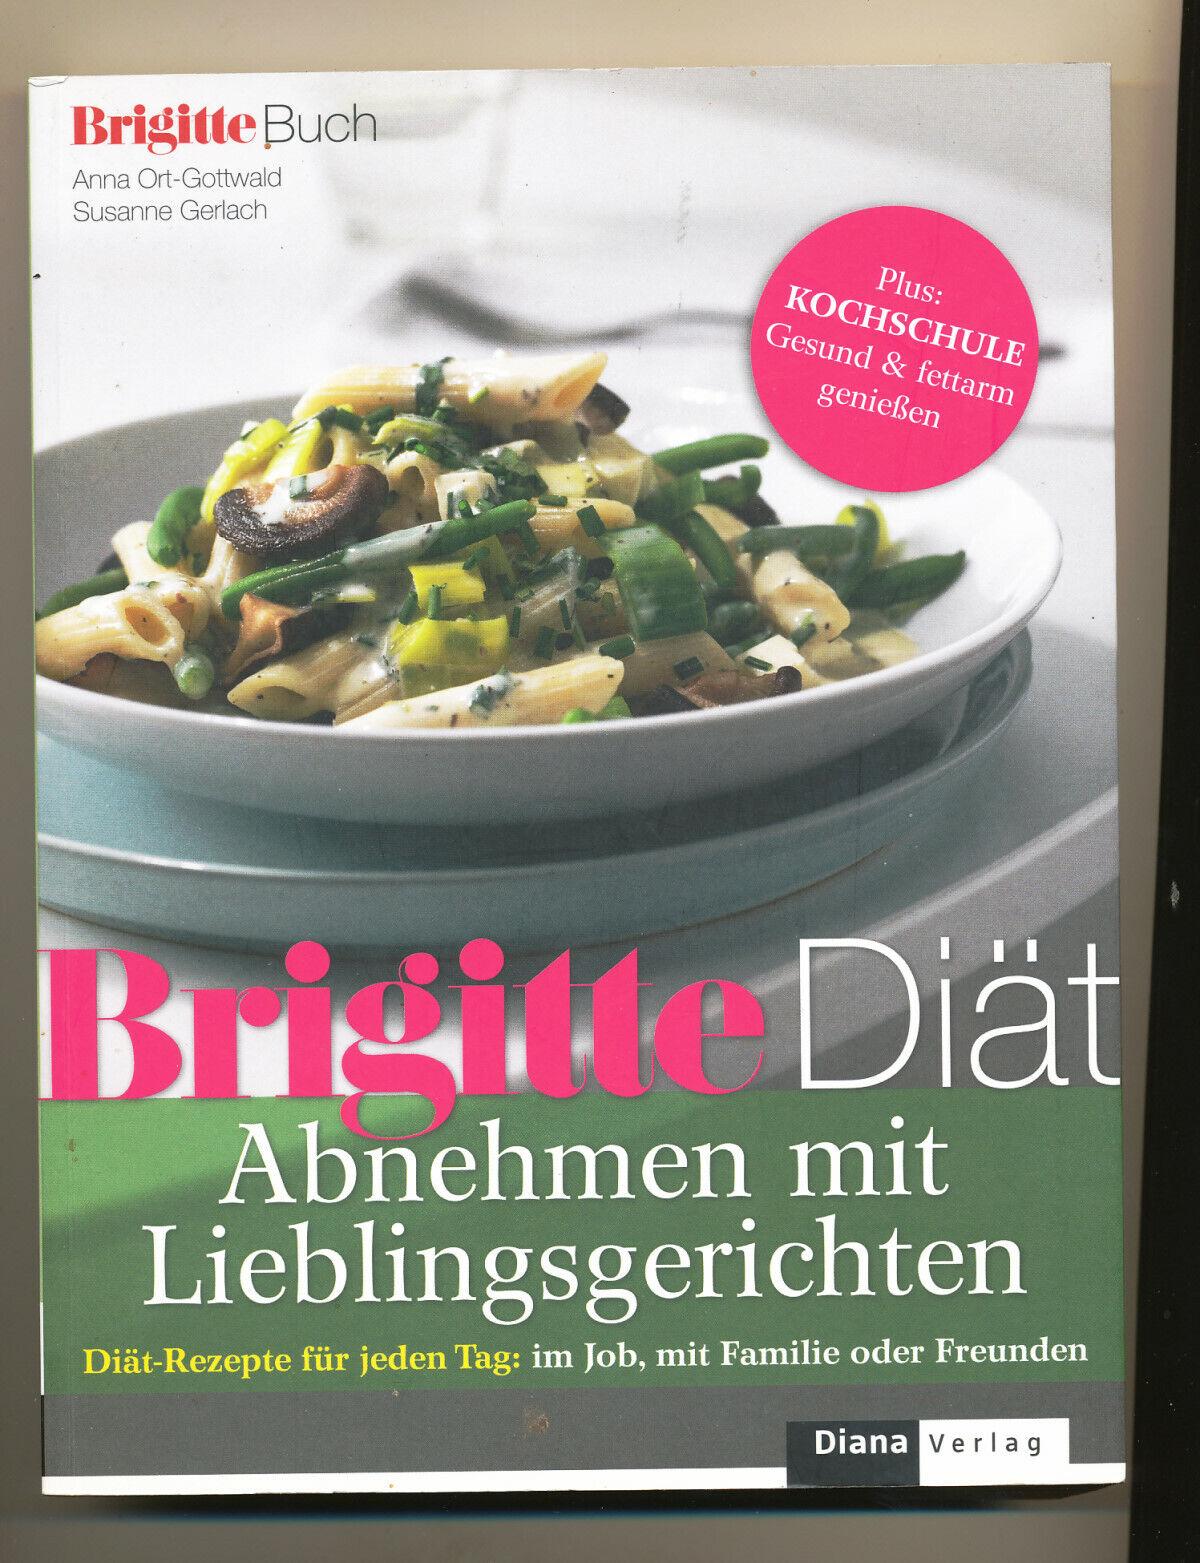 Brigitte Diät Abnehmen mit Lieblingsgerichten Anna Ort-Gottwald Susanne Gerlach - Anna Ort-Gottwald  Susanne Gerlach